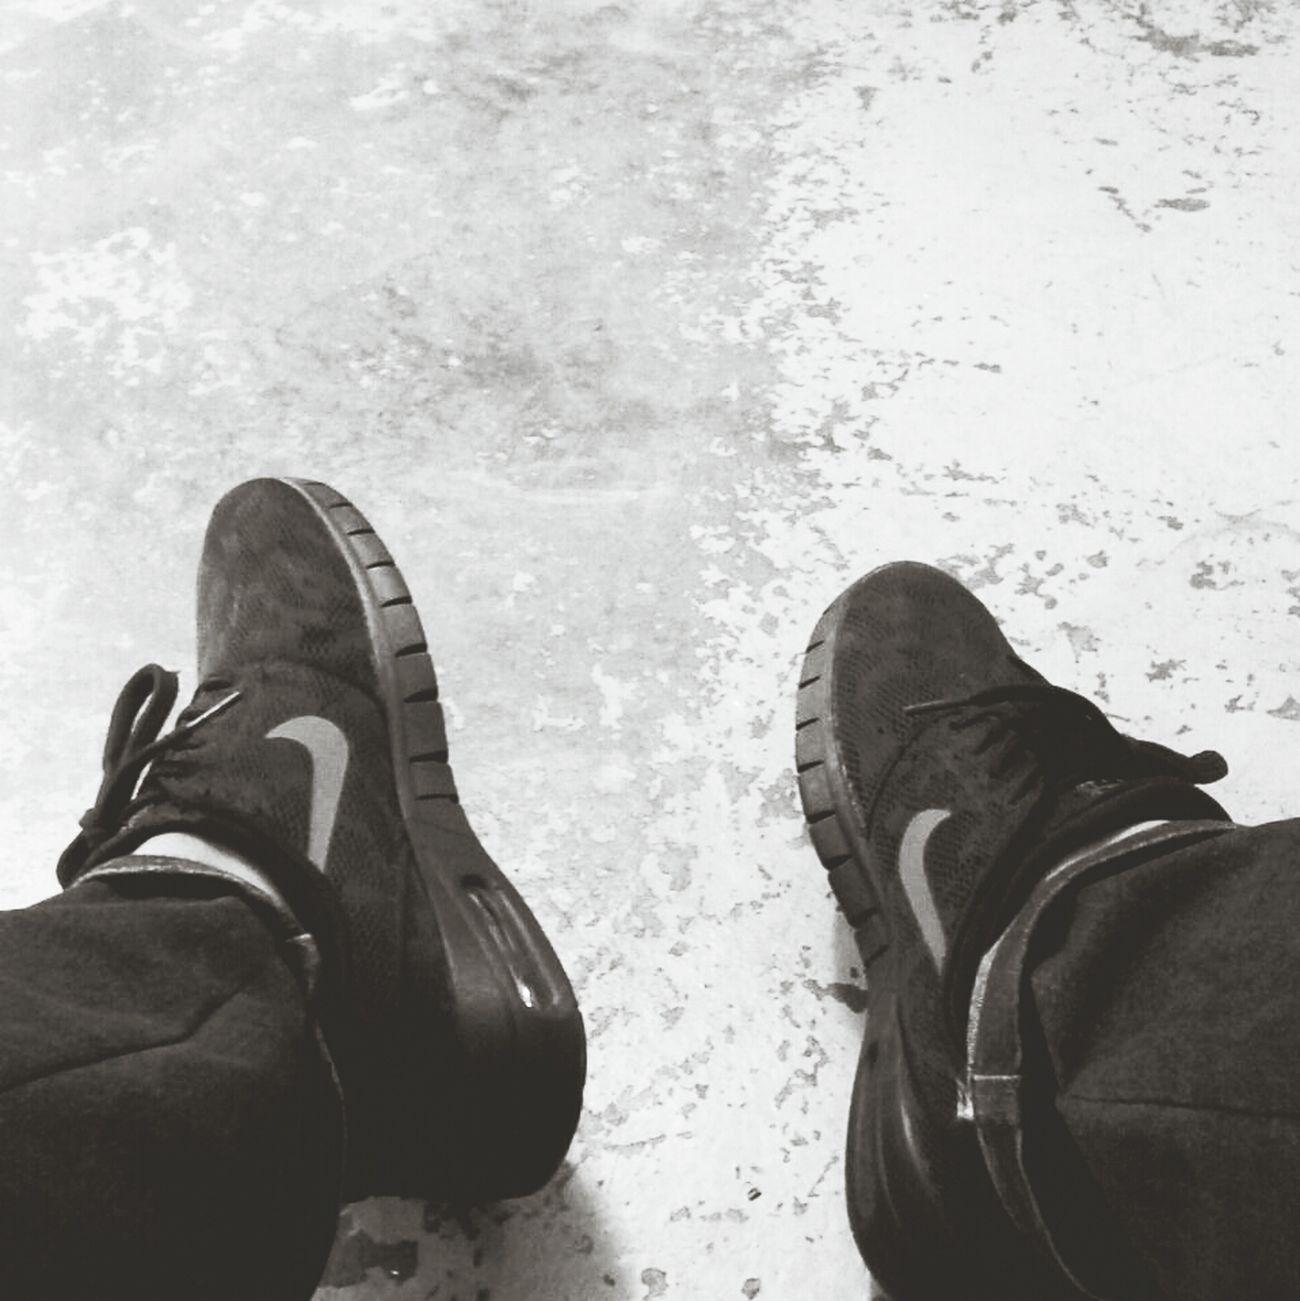 New NikeSB #nikesb #sneakers